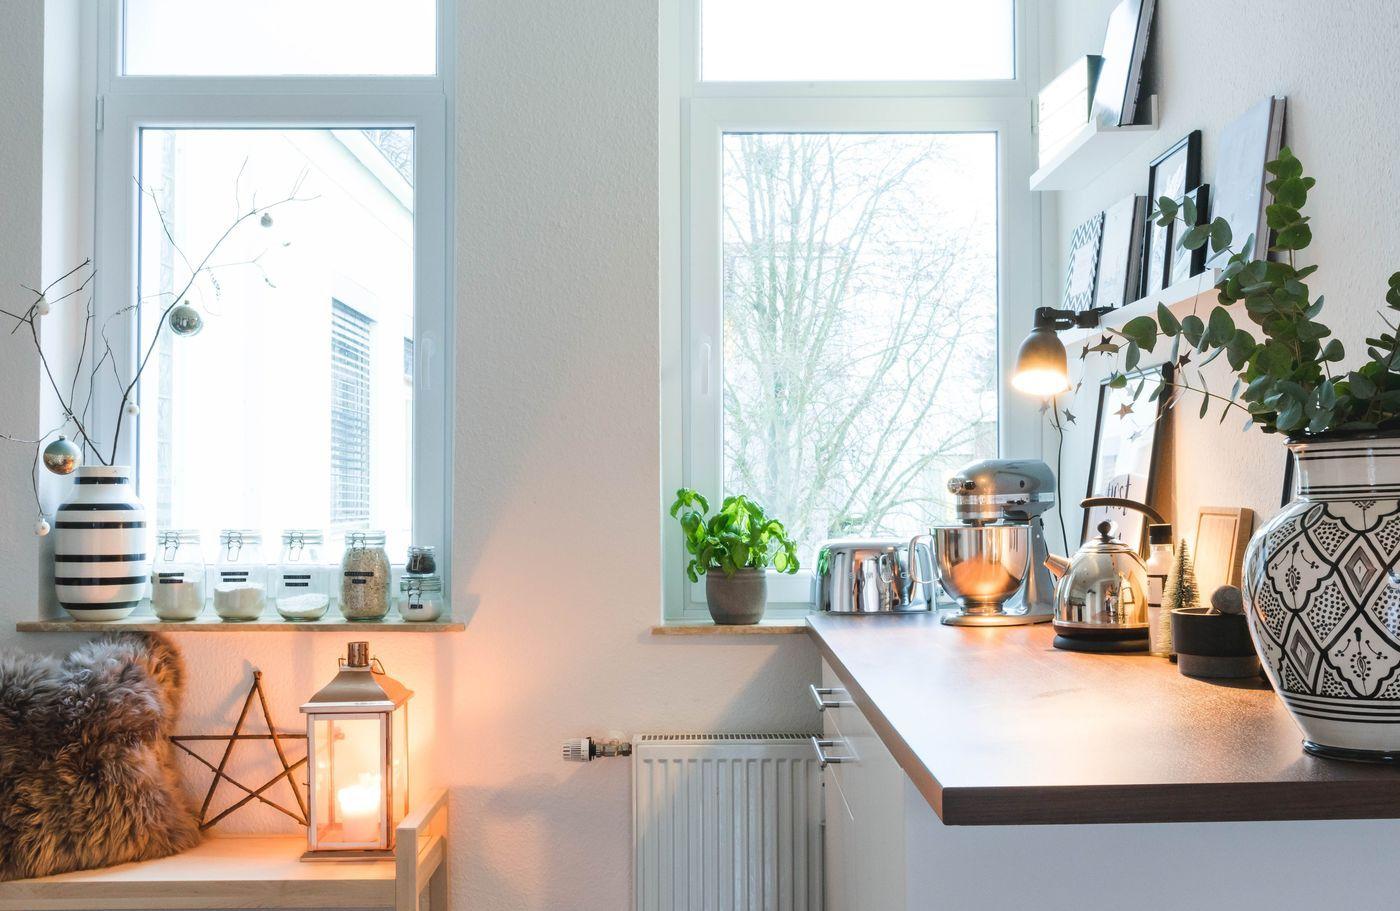 Mini Kühlschrank Für Ikea Regal : Ikea küchen u tolle tipps und ideen für die küchenplanung